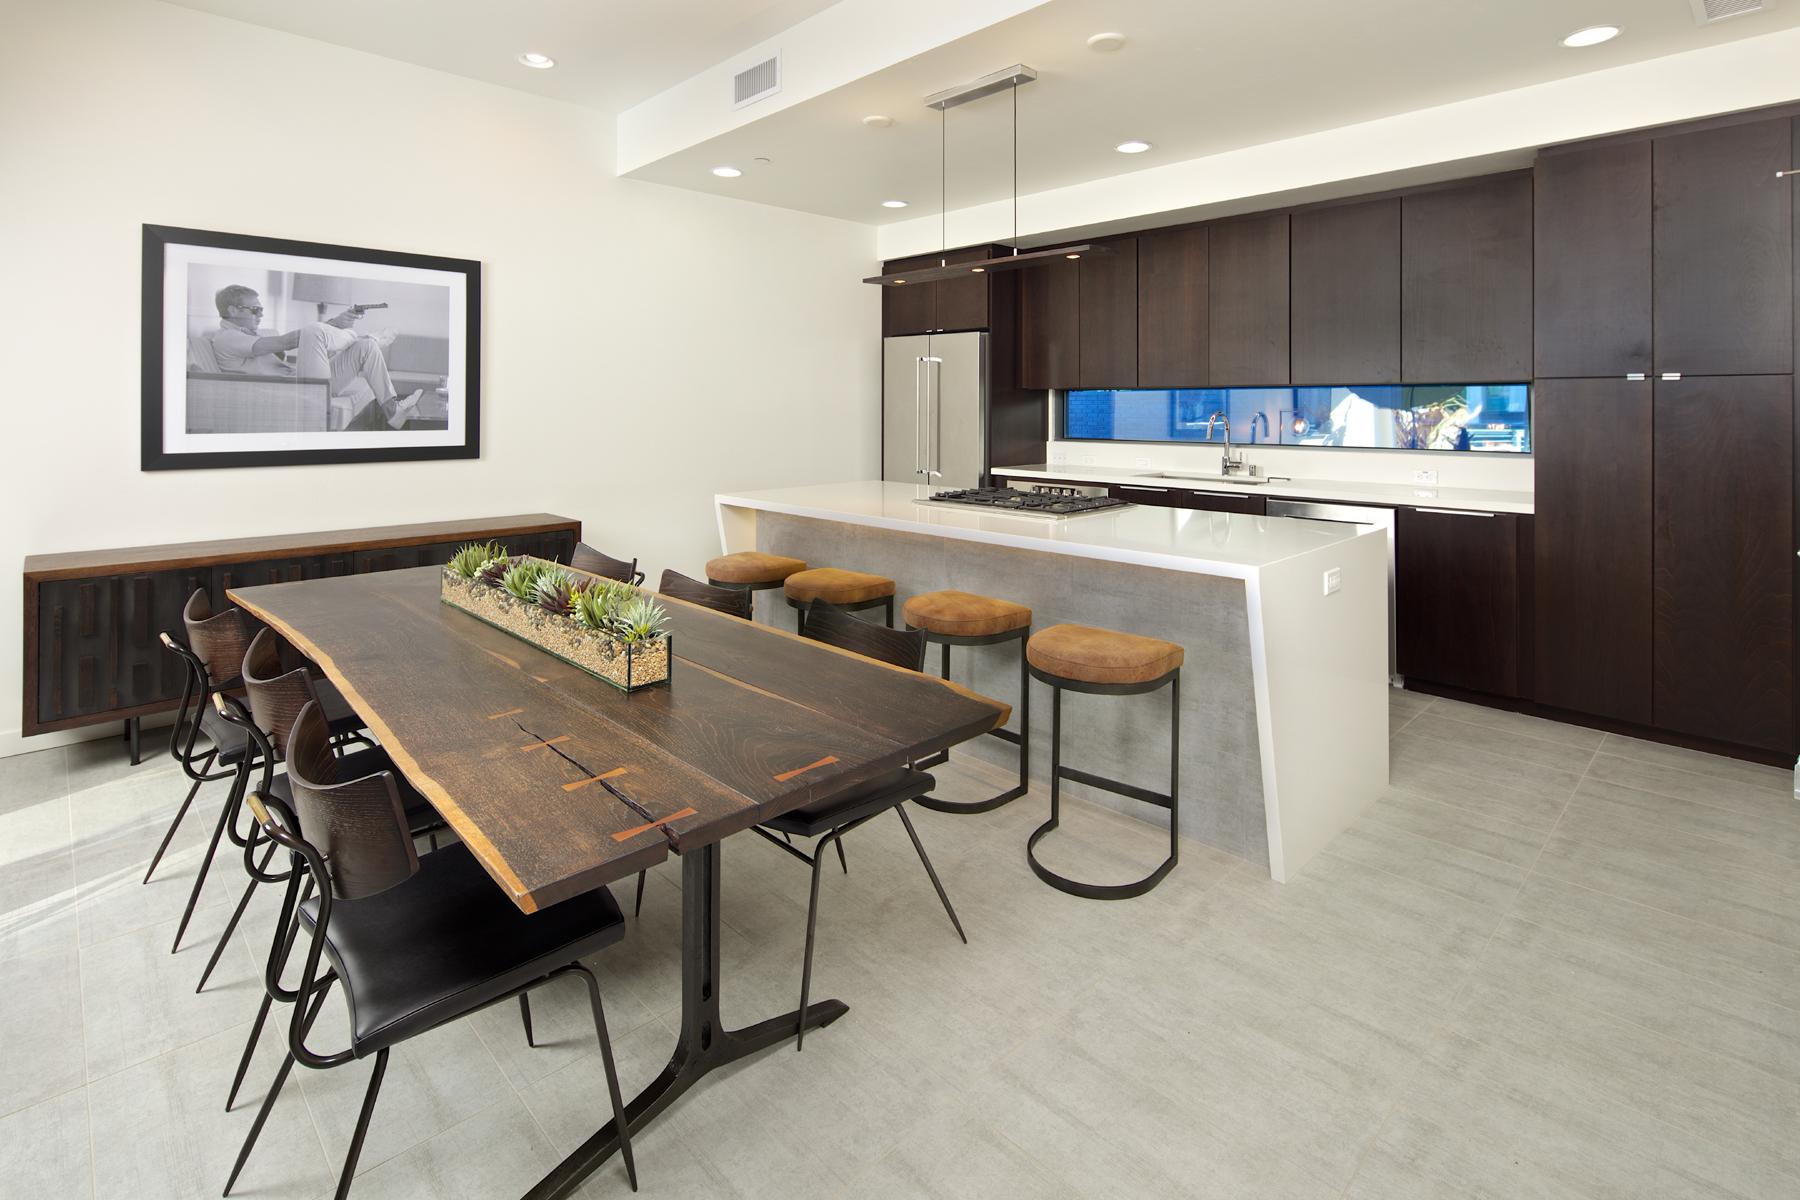 19-3871_15_Interior Kitchen.jpg